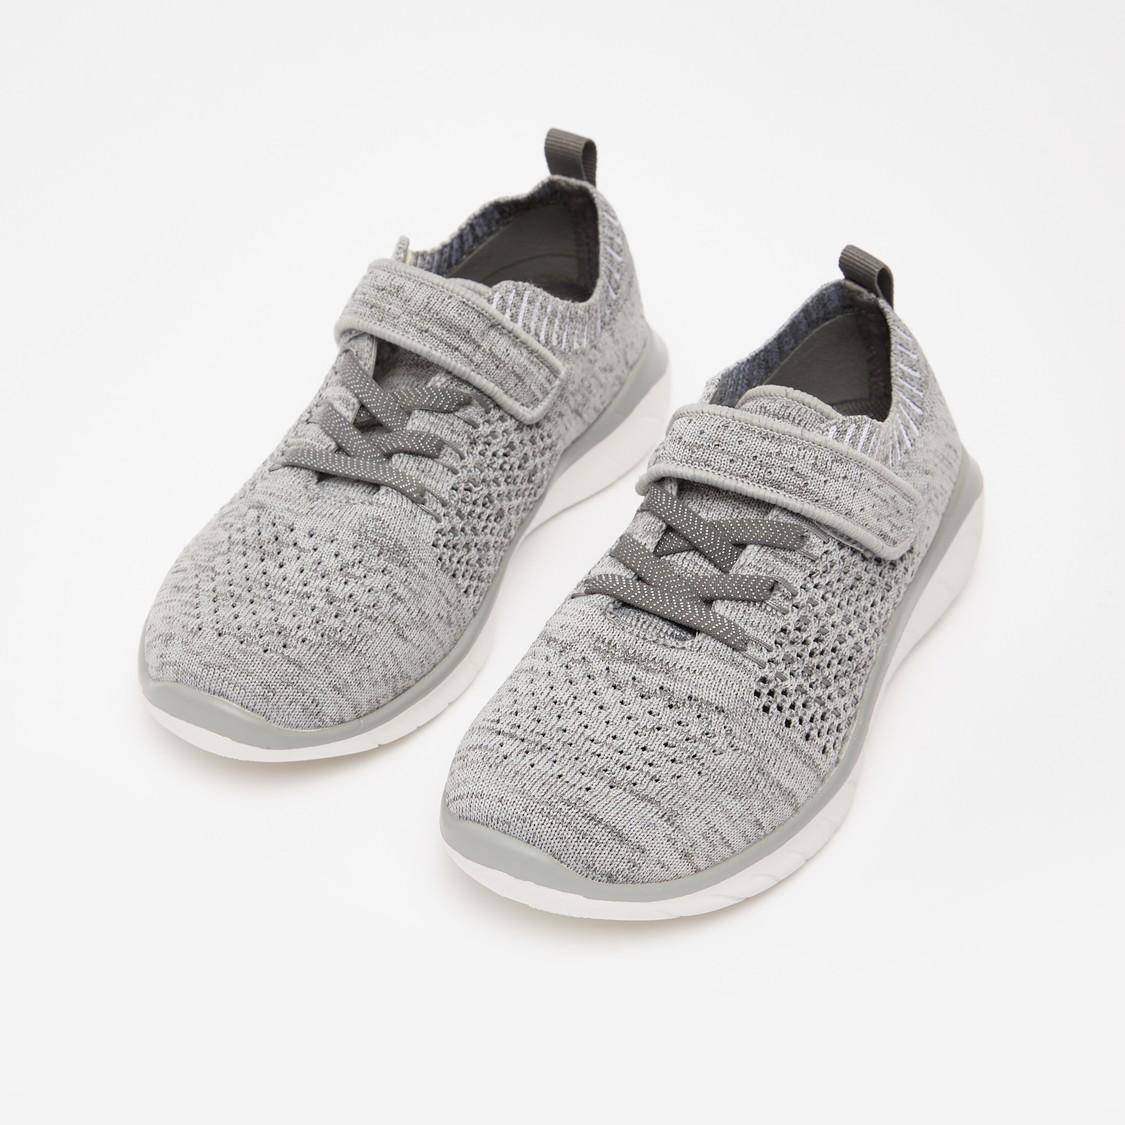 حذاء رياضي بارز الملمس مع لسان سحب وتفاصيل مثقّبة